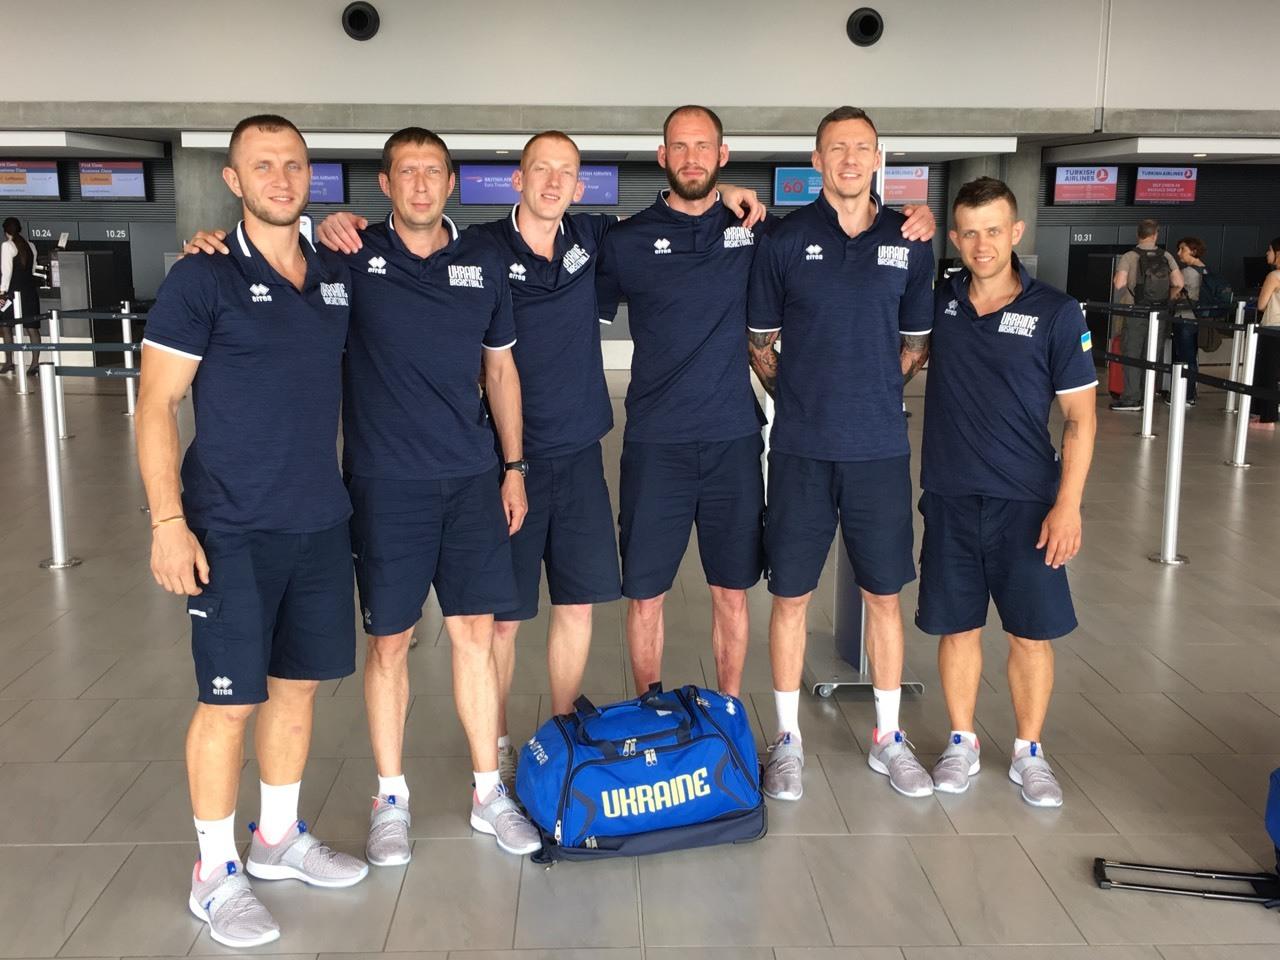 Збірна України вирушила на чемпіонат світу